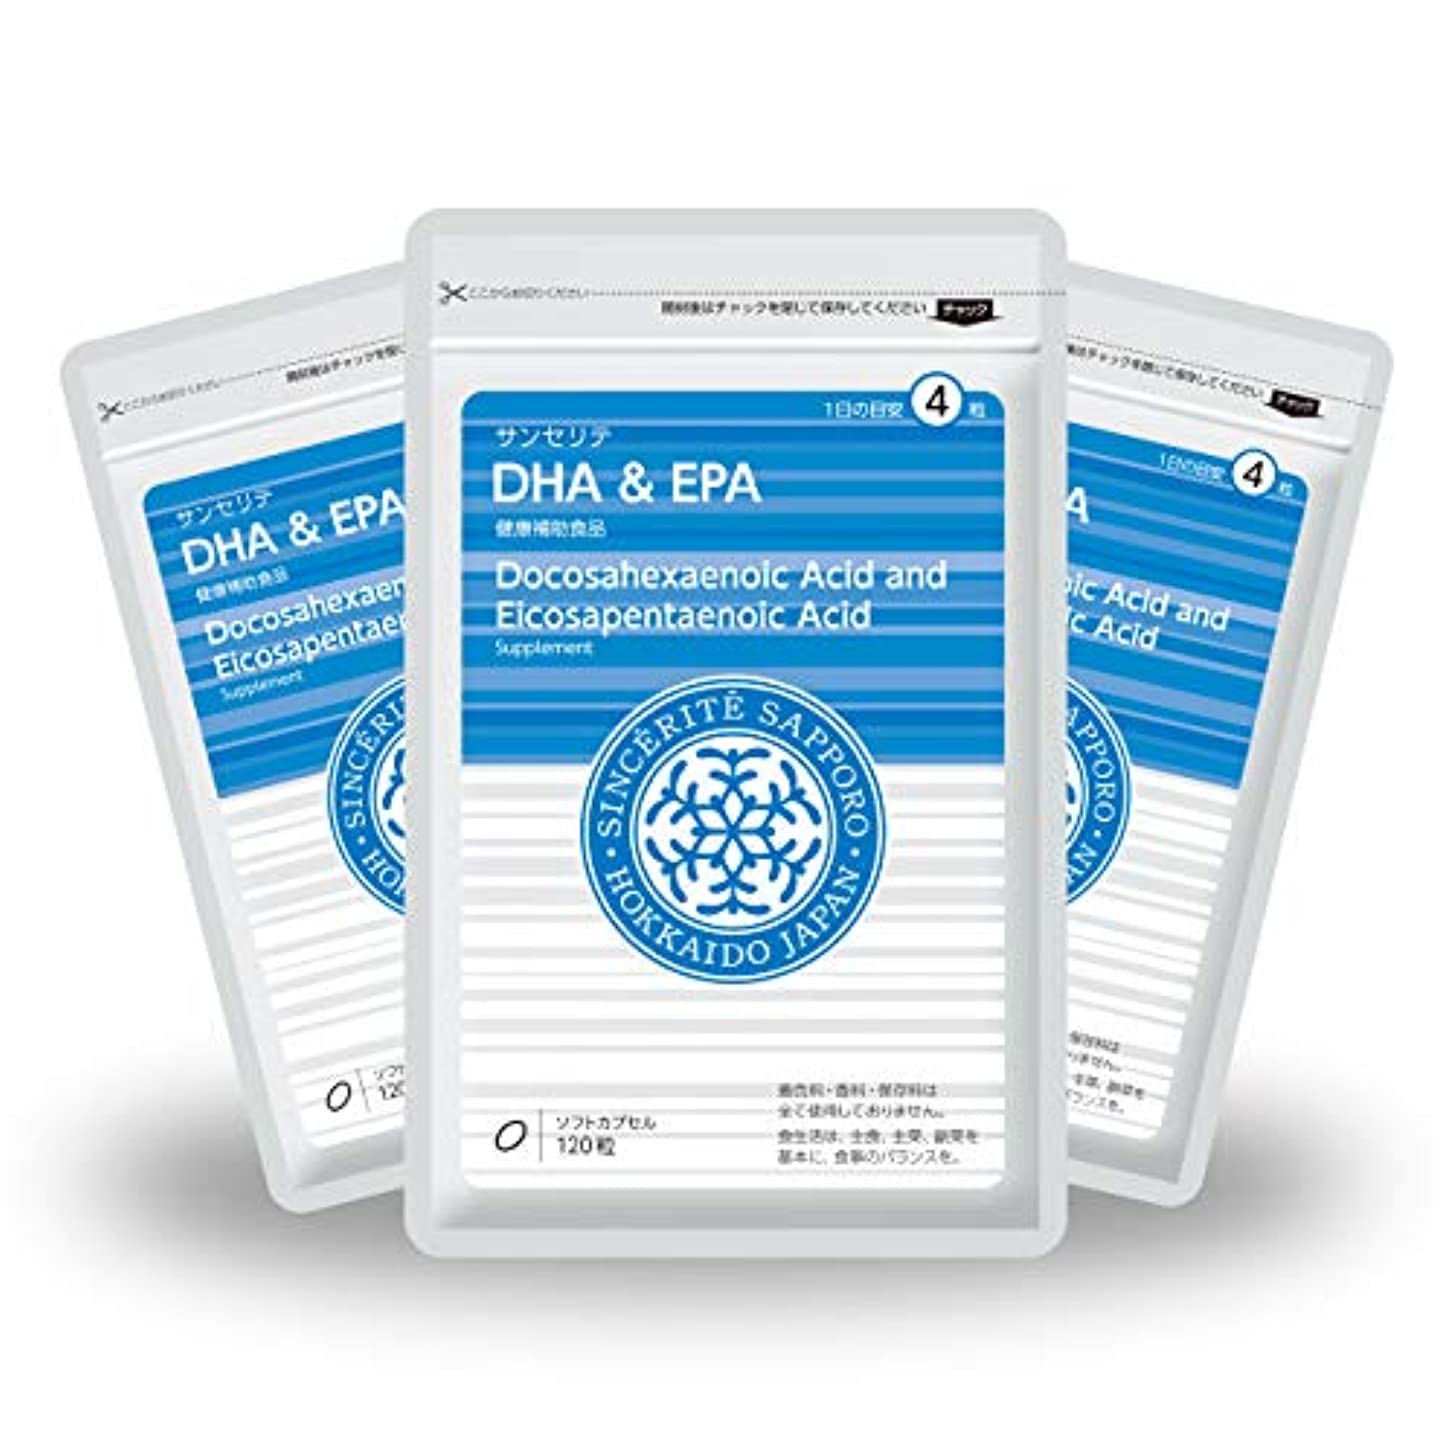 すばらしいです永遠に三角形DHA&EPA 3袋セット[送料無料][DHA]433mg配合[国内製造]お得な90日分